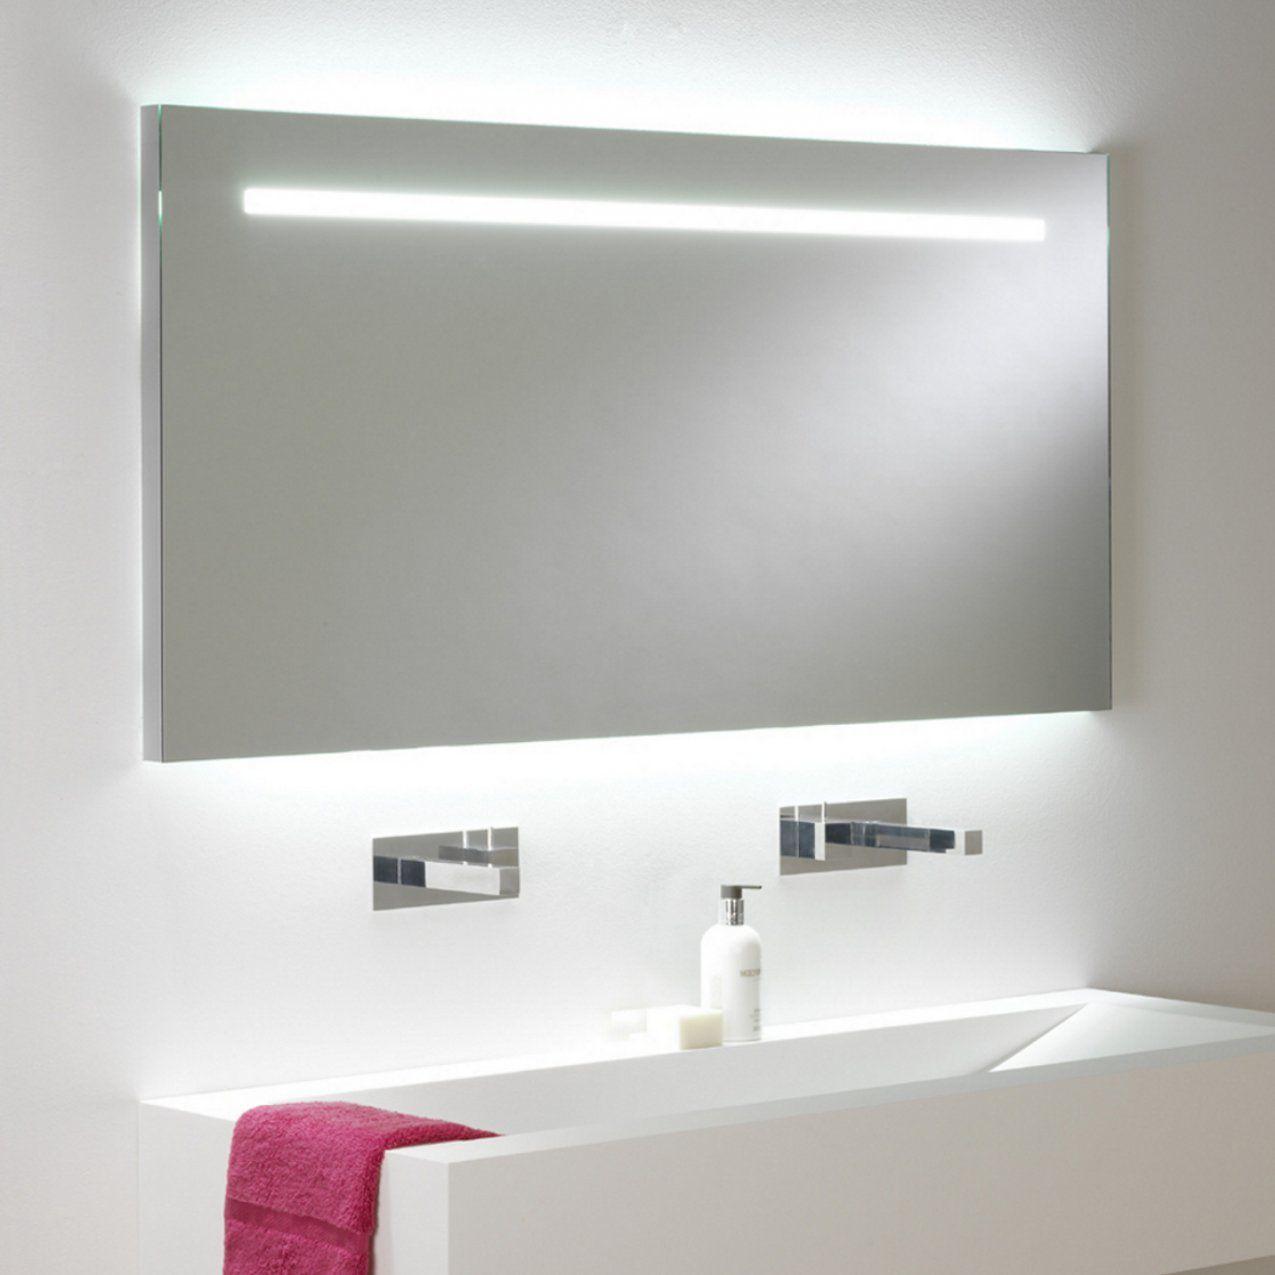 Faszinierend Schlafzimmer Farbe Zusammen Mit Bild Von Ikea Spiegel Von  Spiegel Mit Beleuchtung Ikea Bild